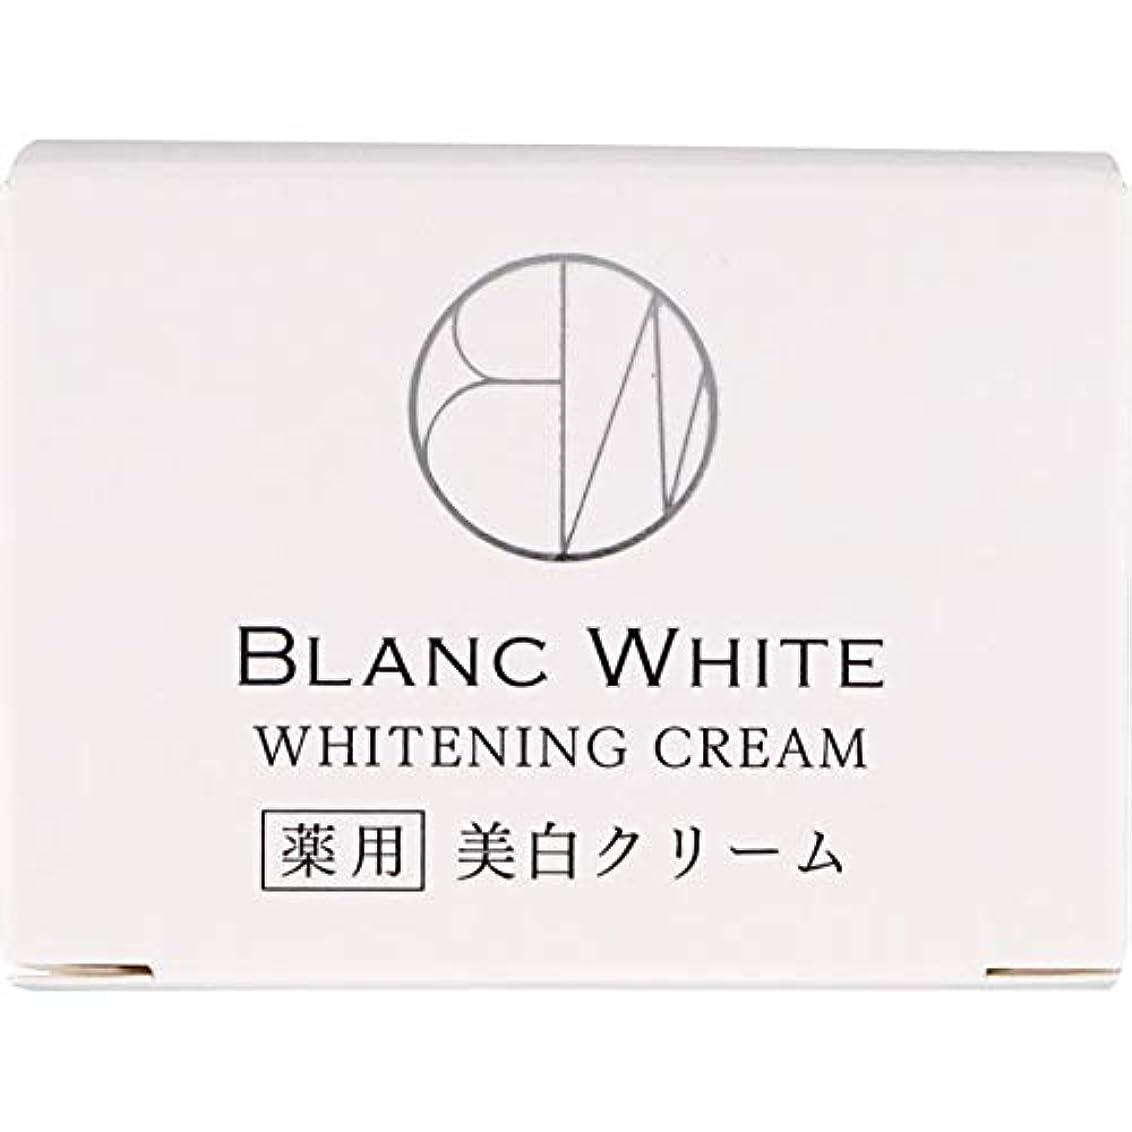 チラチラする記念碑的なひばりブランホワイト ホワイトニング クリーム 45g